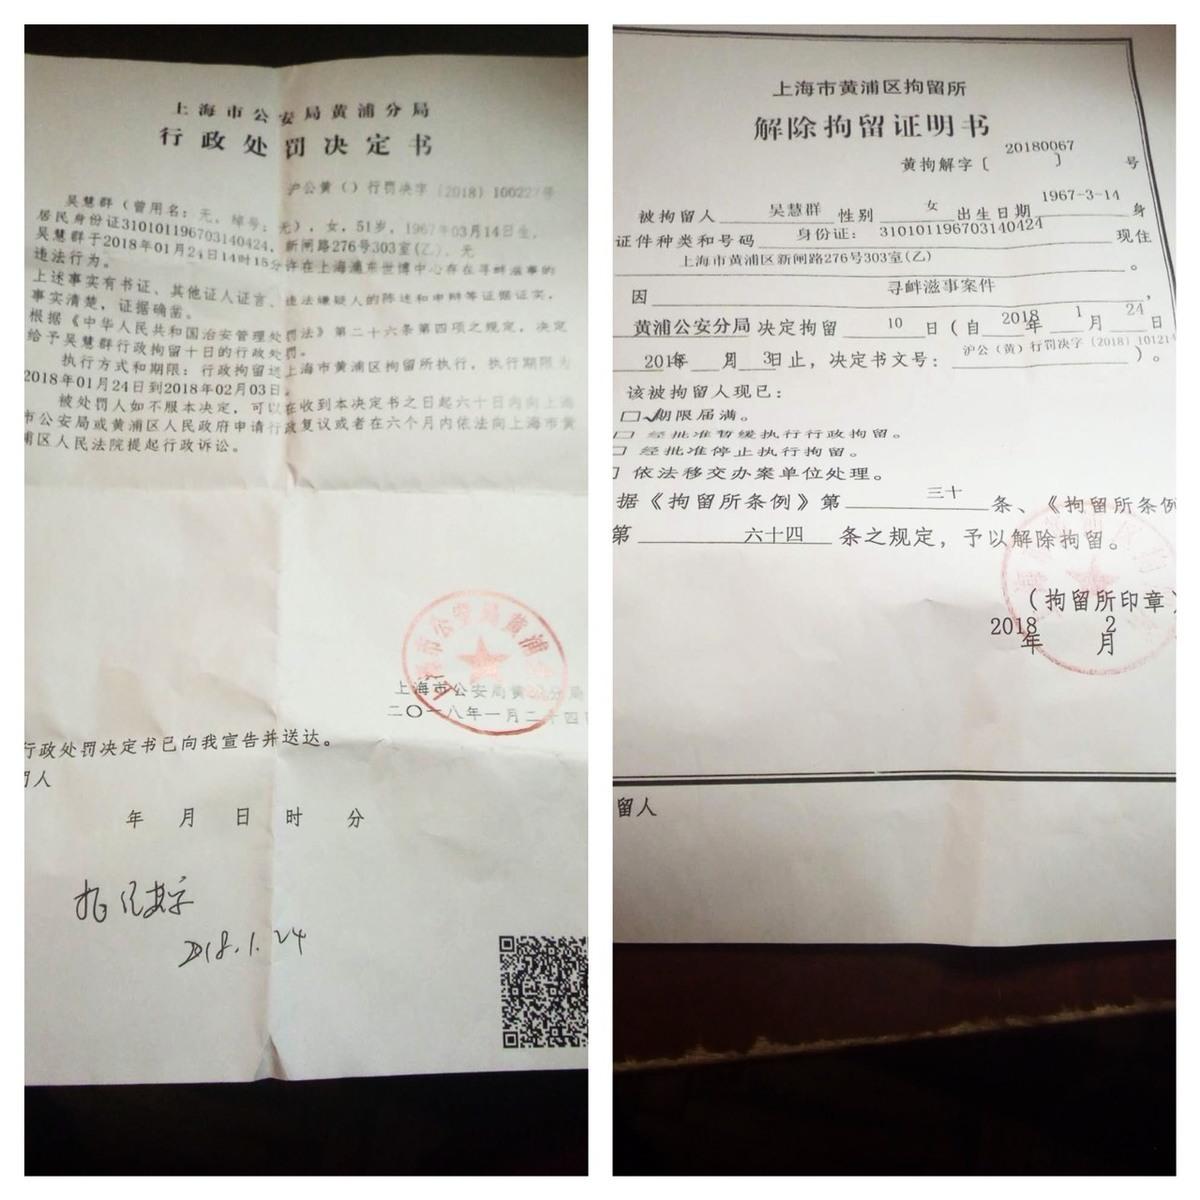 吳慧群被拘留及解除拘留通知書。(訪民提供)